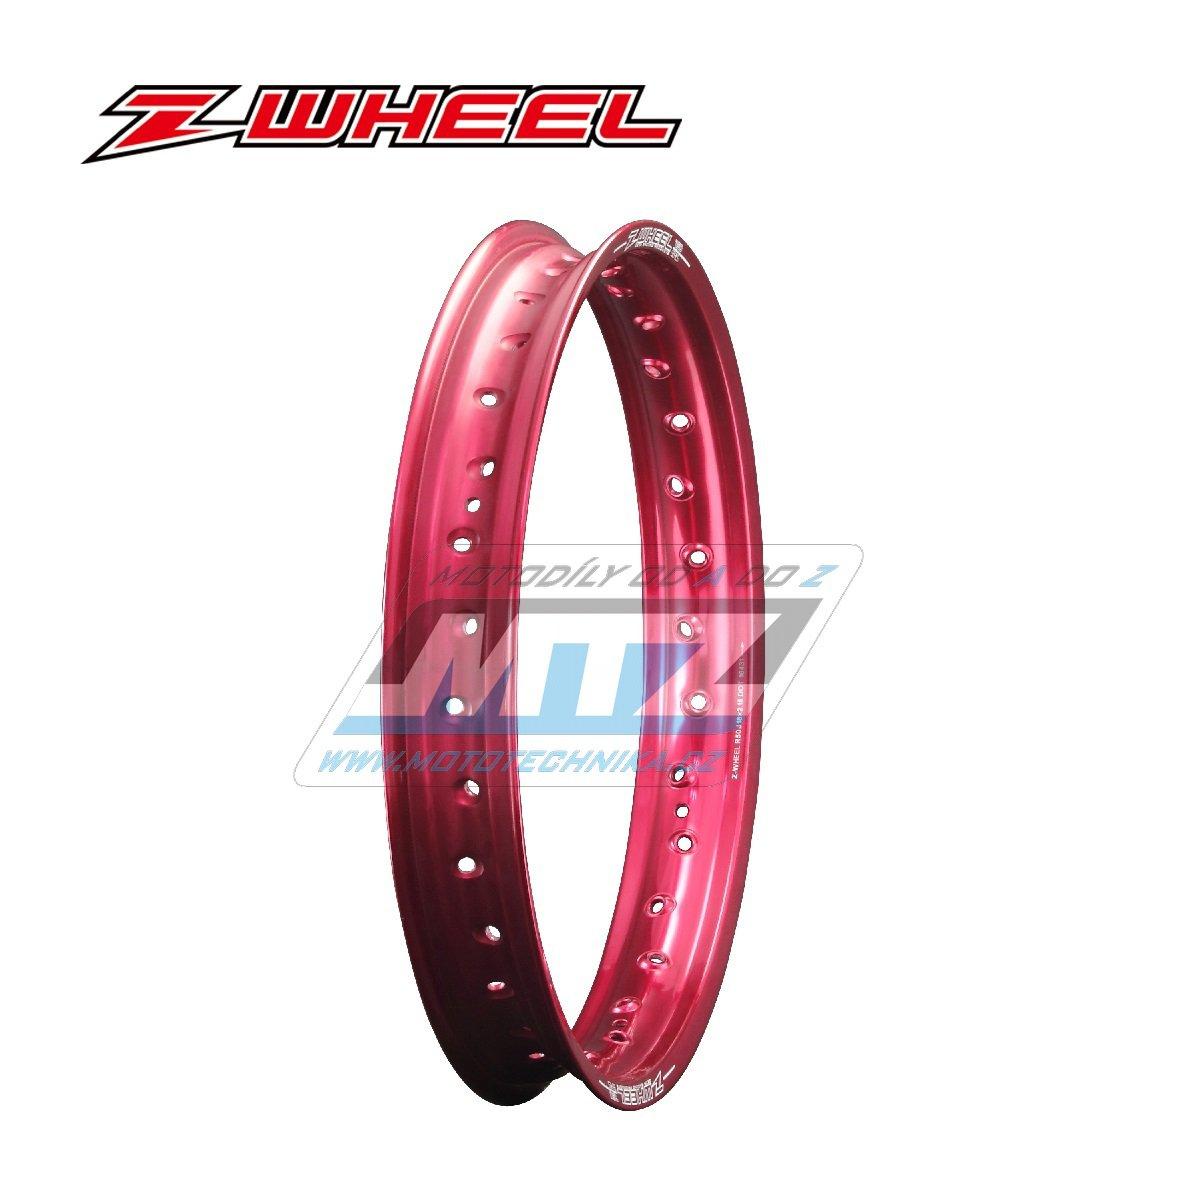 """Ráfek zadní ZETA Z-WHEEL - rozměr 2,15x19"""" - 32H (předvrtaný 32otvorů) - červený"""